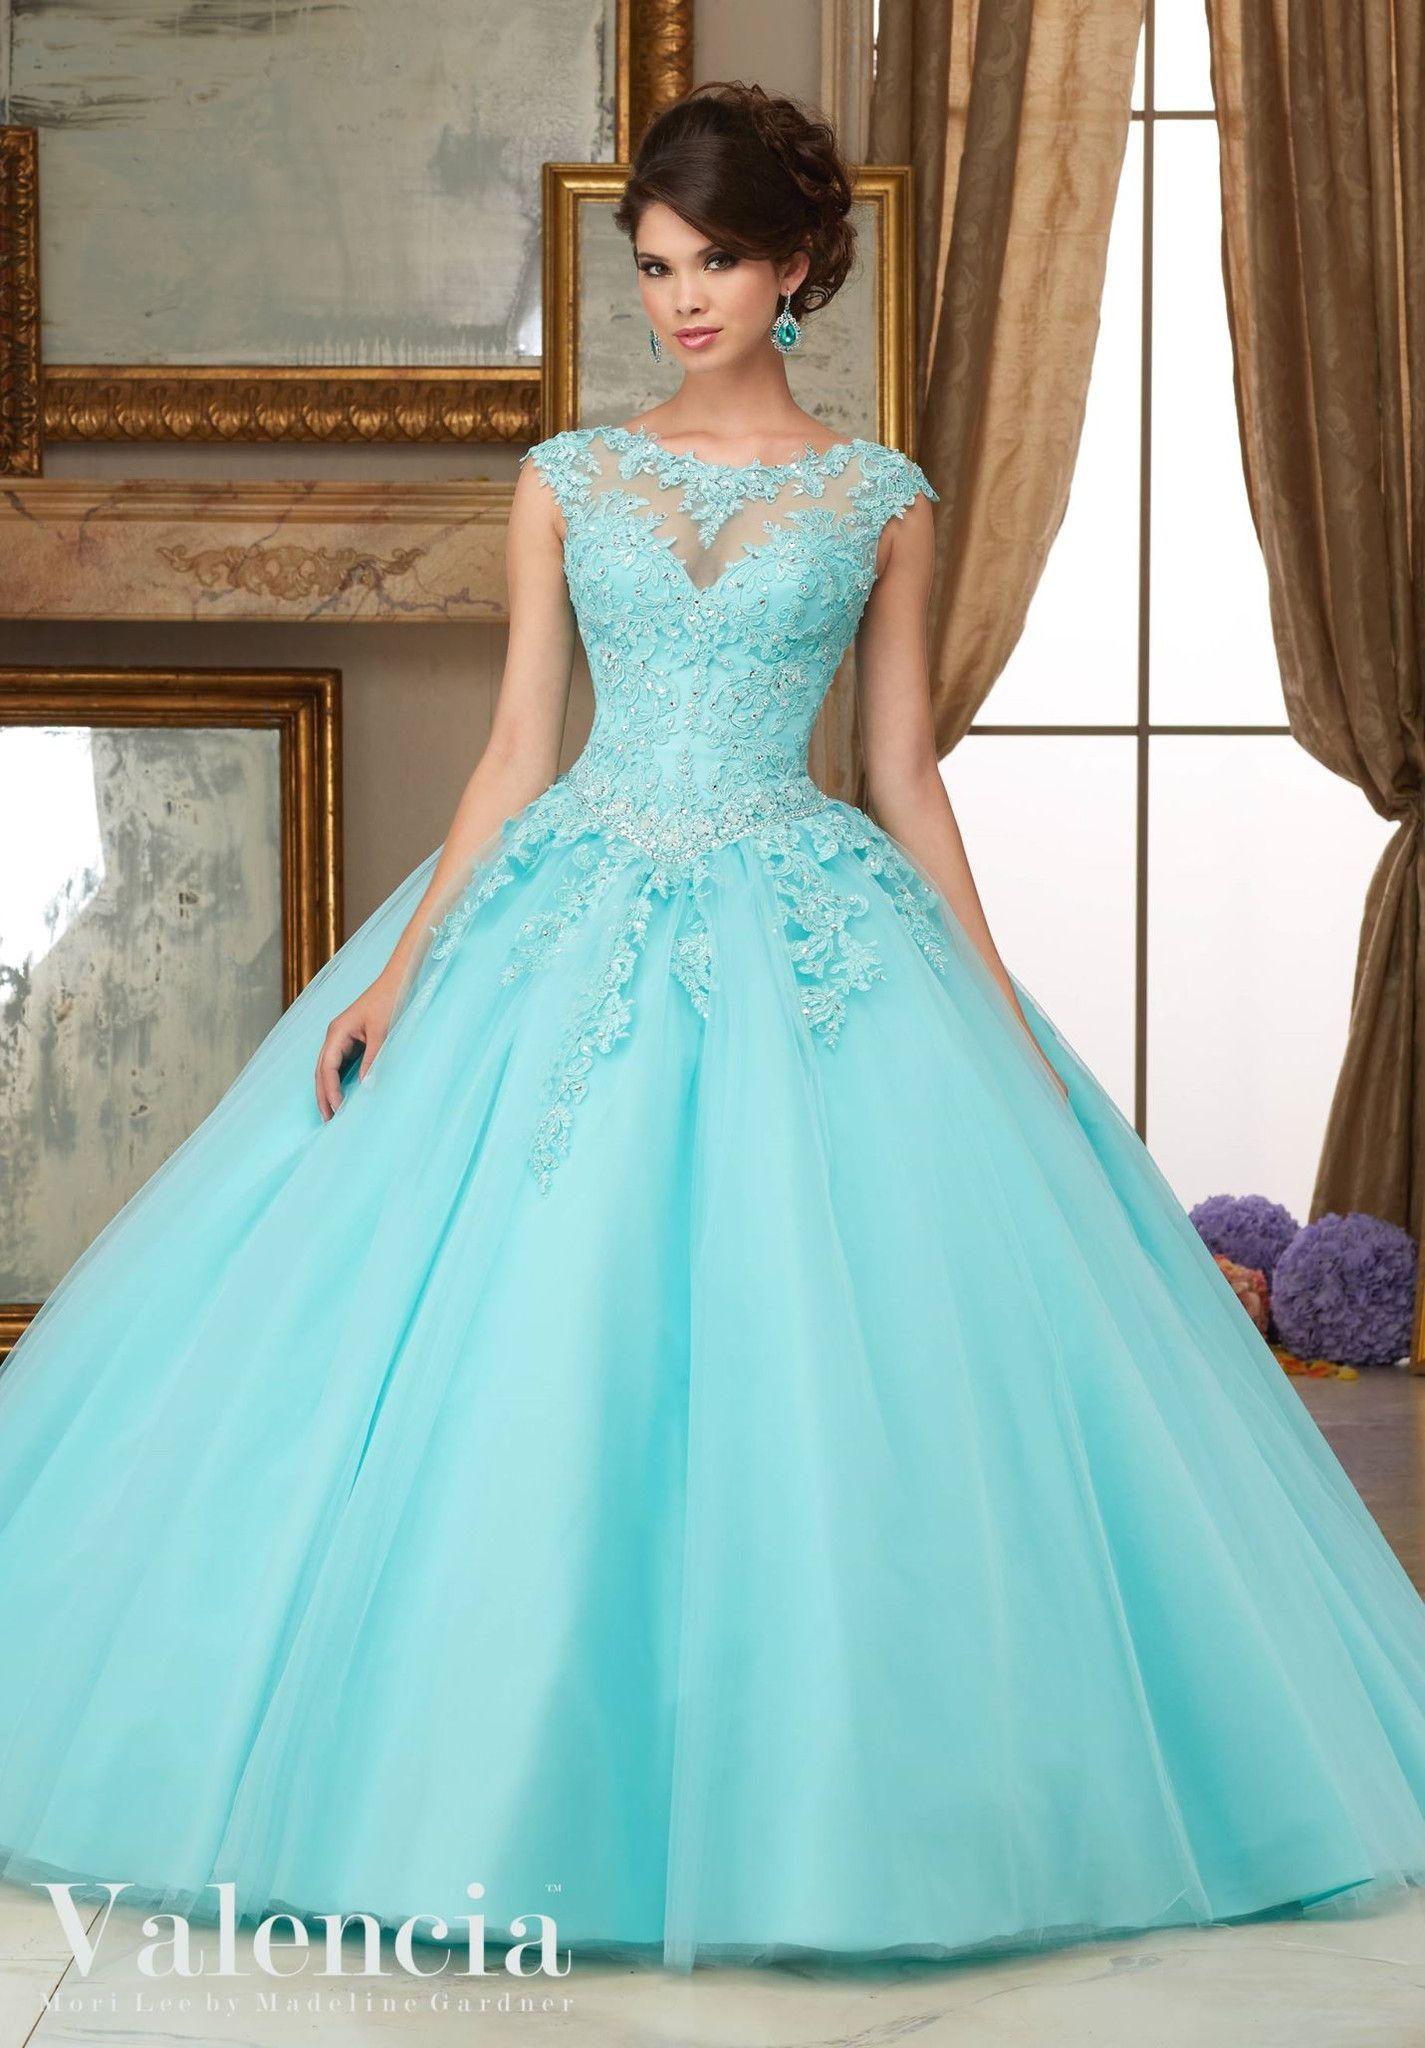 Mori Lee Valencia Quinceanera Dress 60006 | Mori lee, Valencia and ...